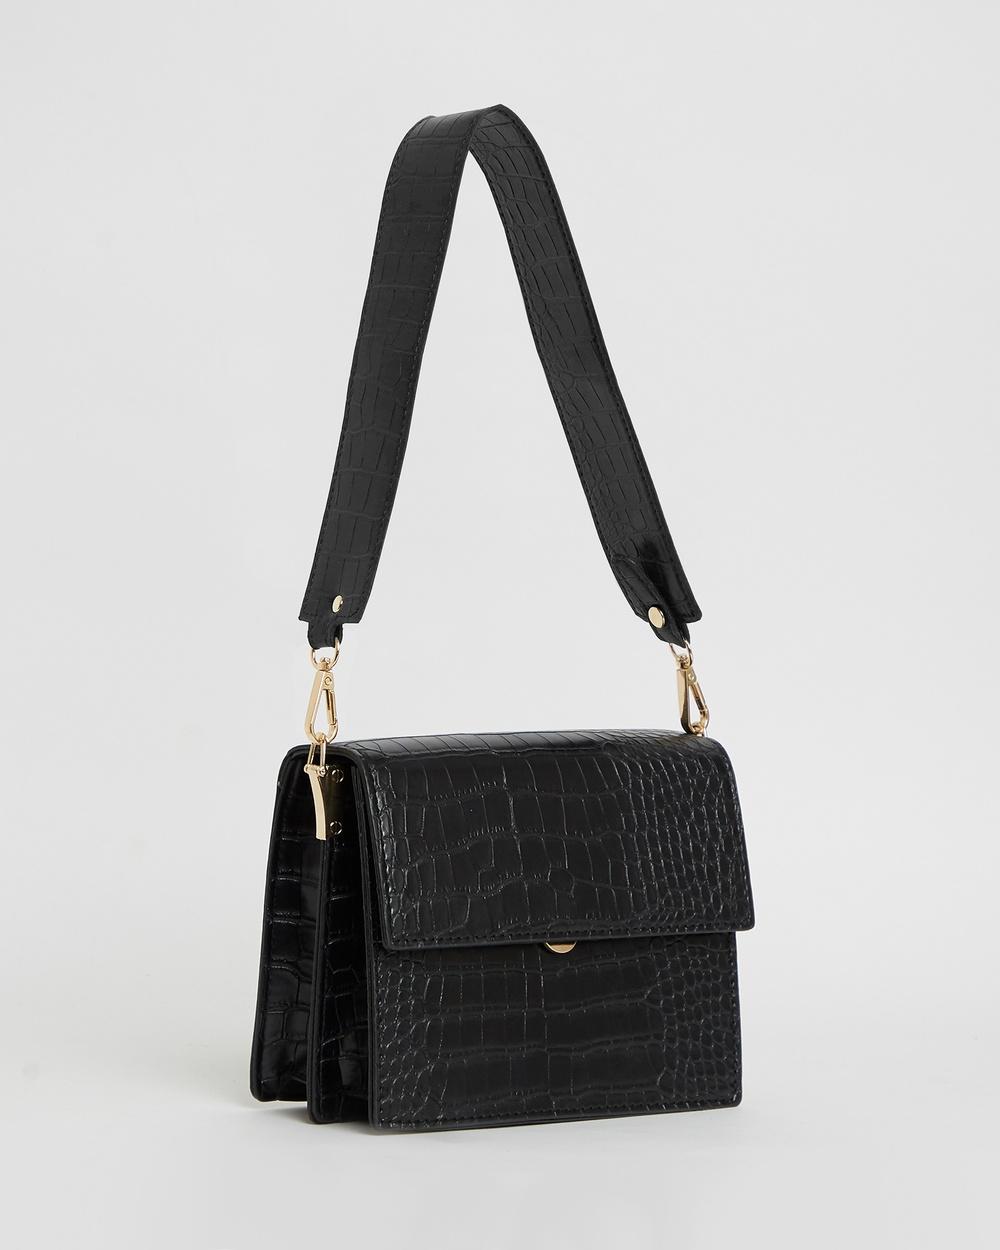 Calli Forrester Concertina Bag Handbags Black Croc Handbags Australia